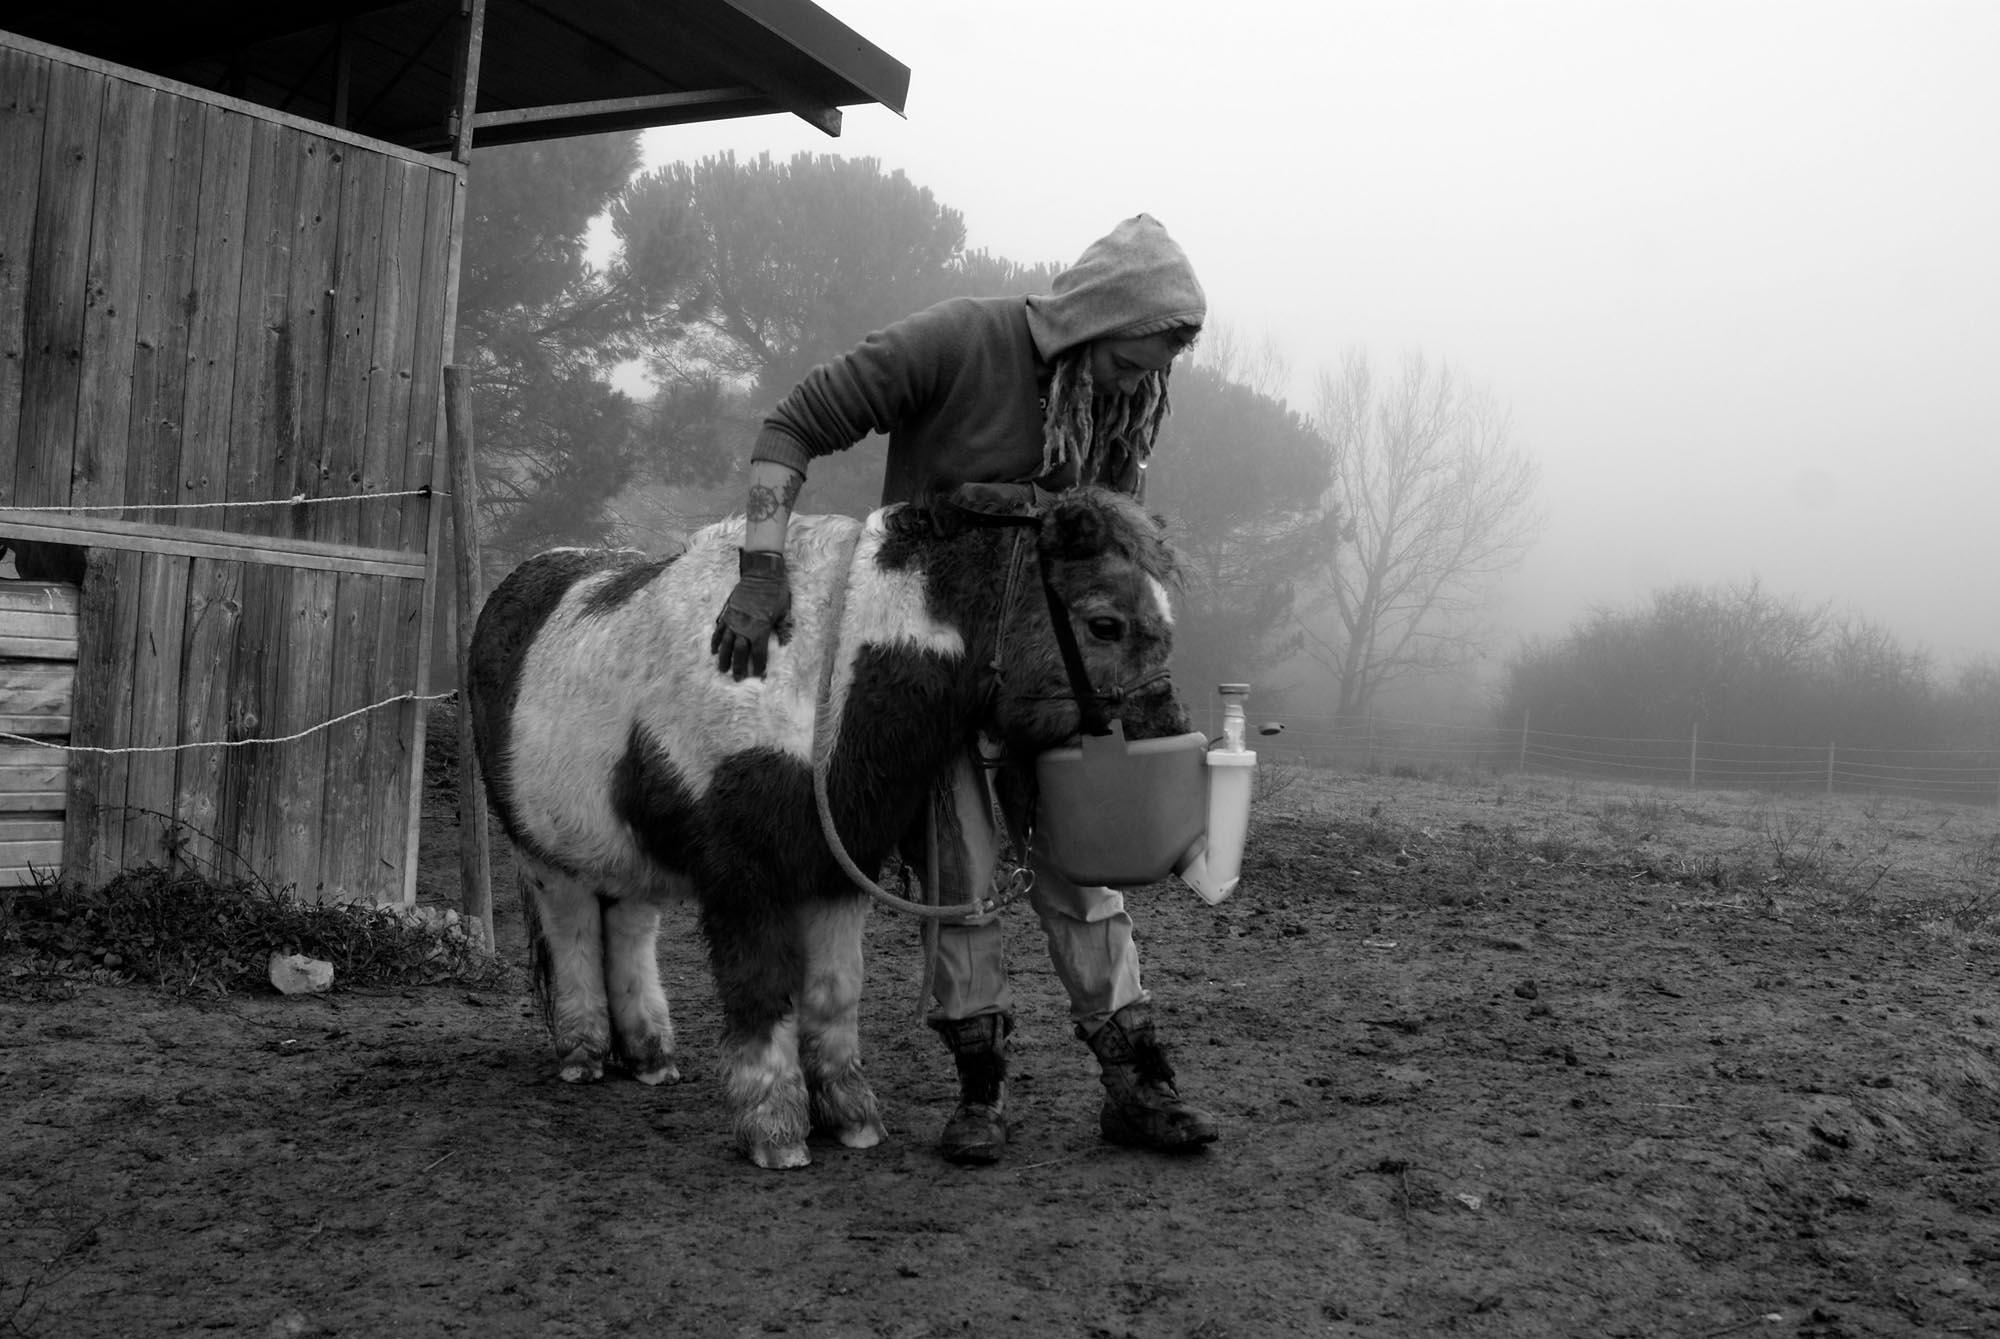 0723 Volontari per gli animali 3 - Protezione animali, HIP routine quotidiana